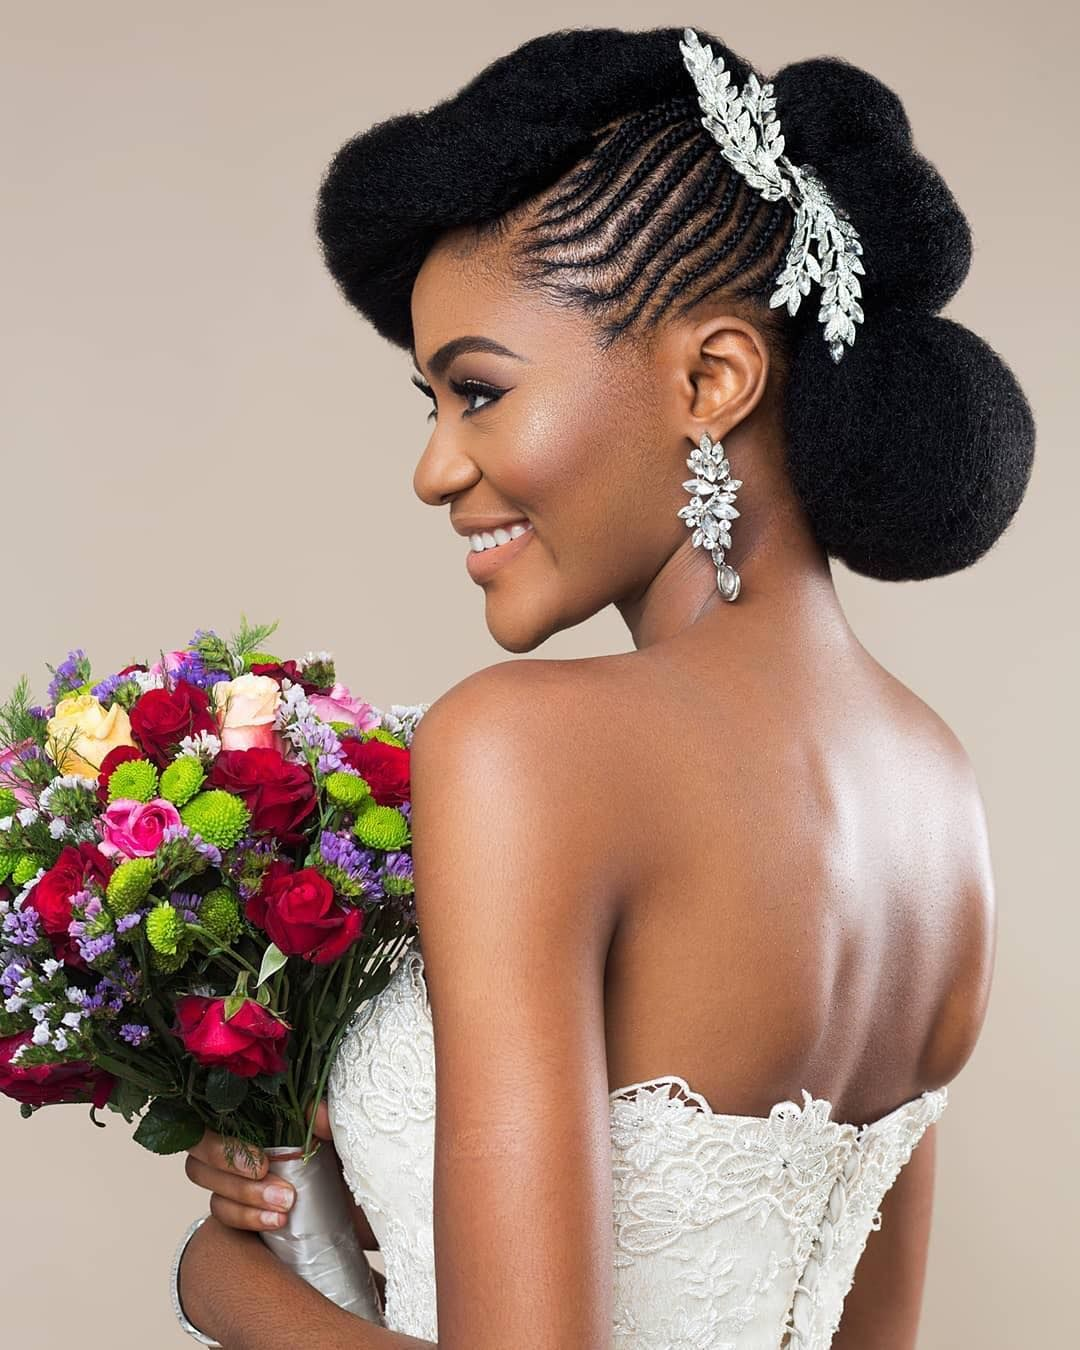 African Sweetheart Weddings On Instagram Team Natural